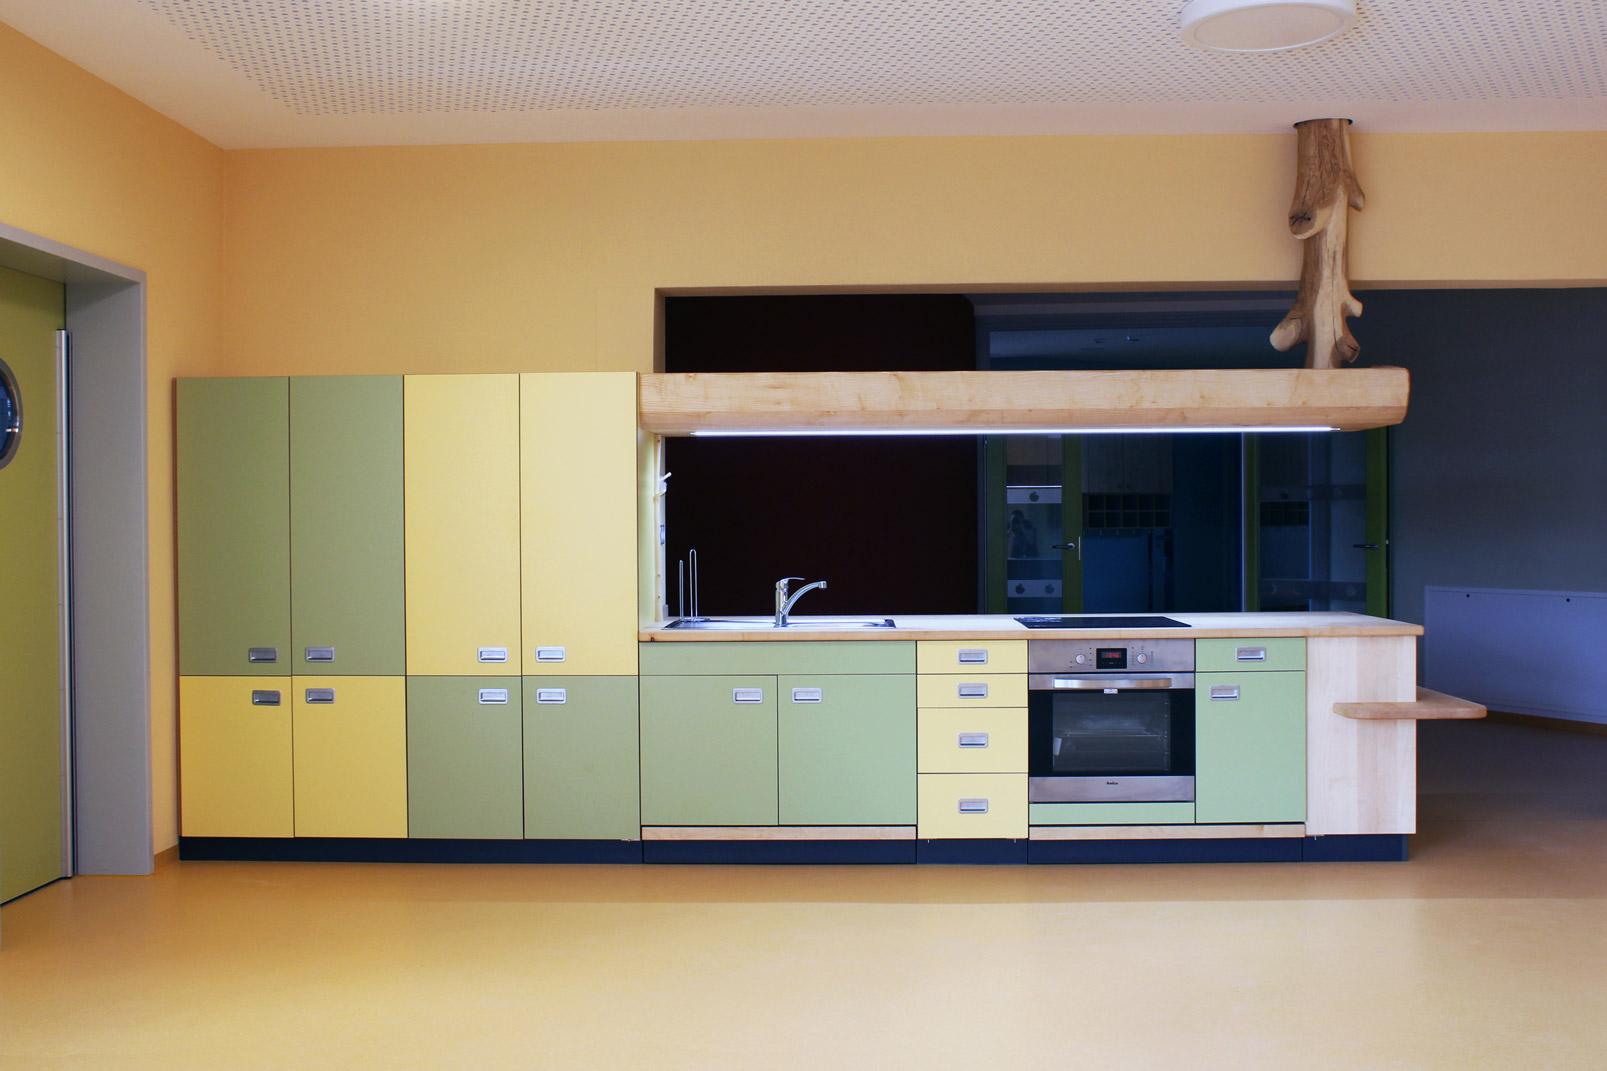 Foto Kücheneinrichtung Holz Ansicht von vorn